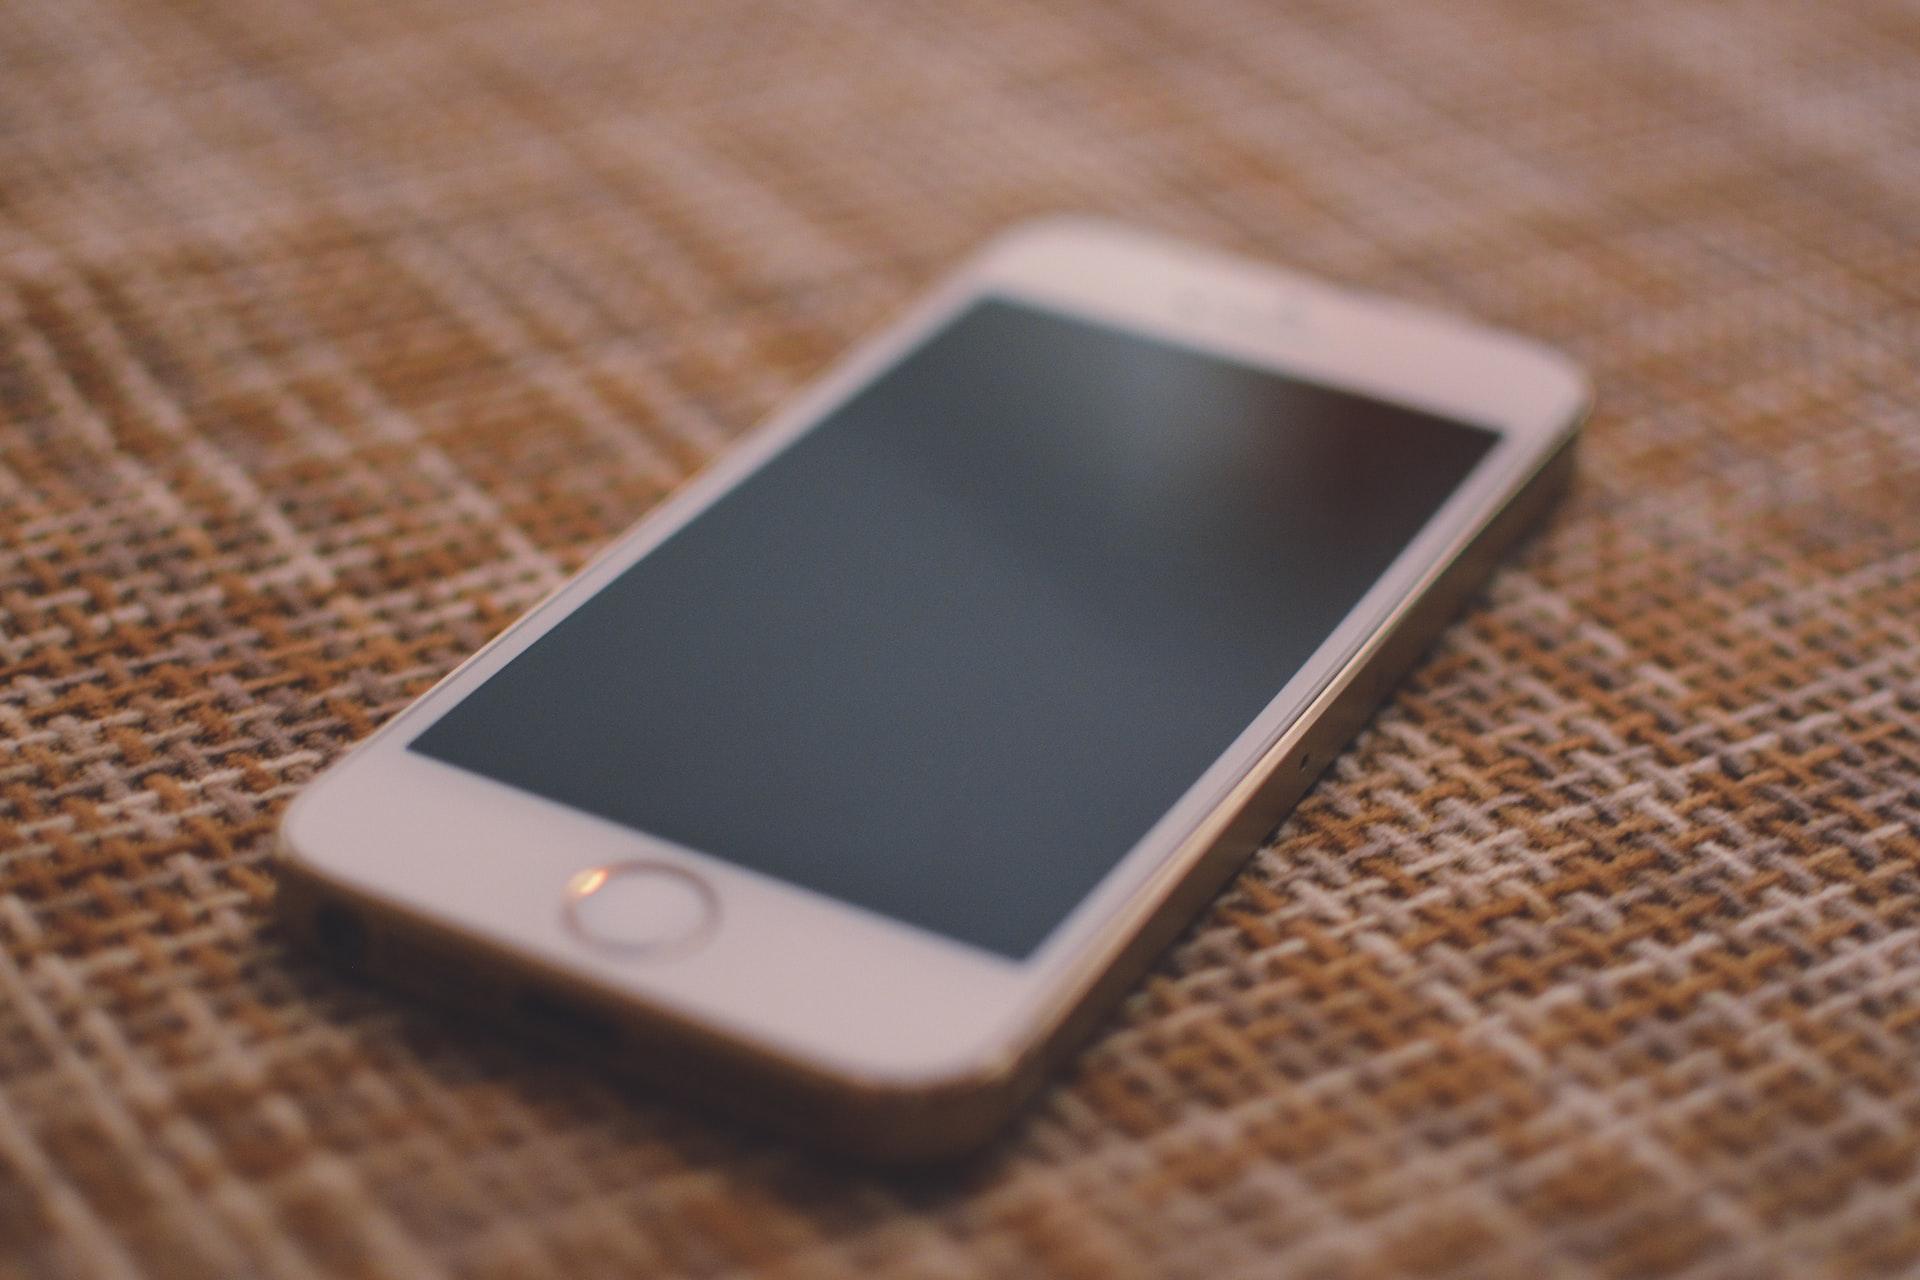 谷歌可能会通过不更新iOS应用来规避苹果的隐私披露